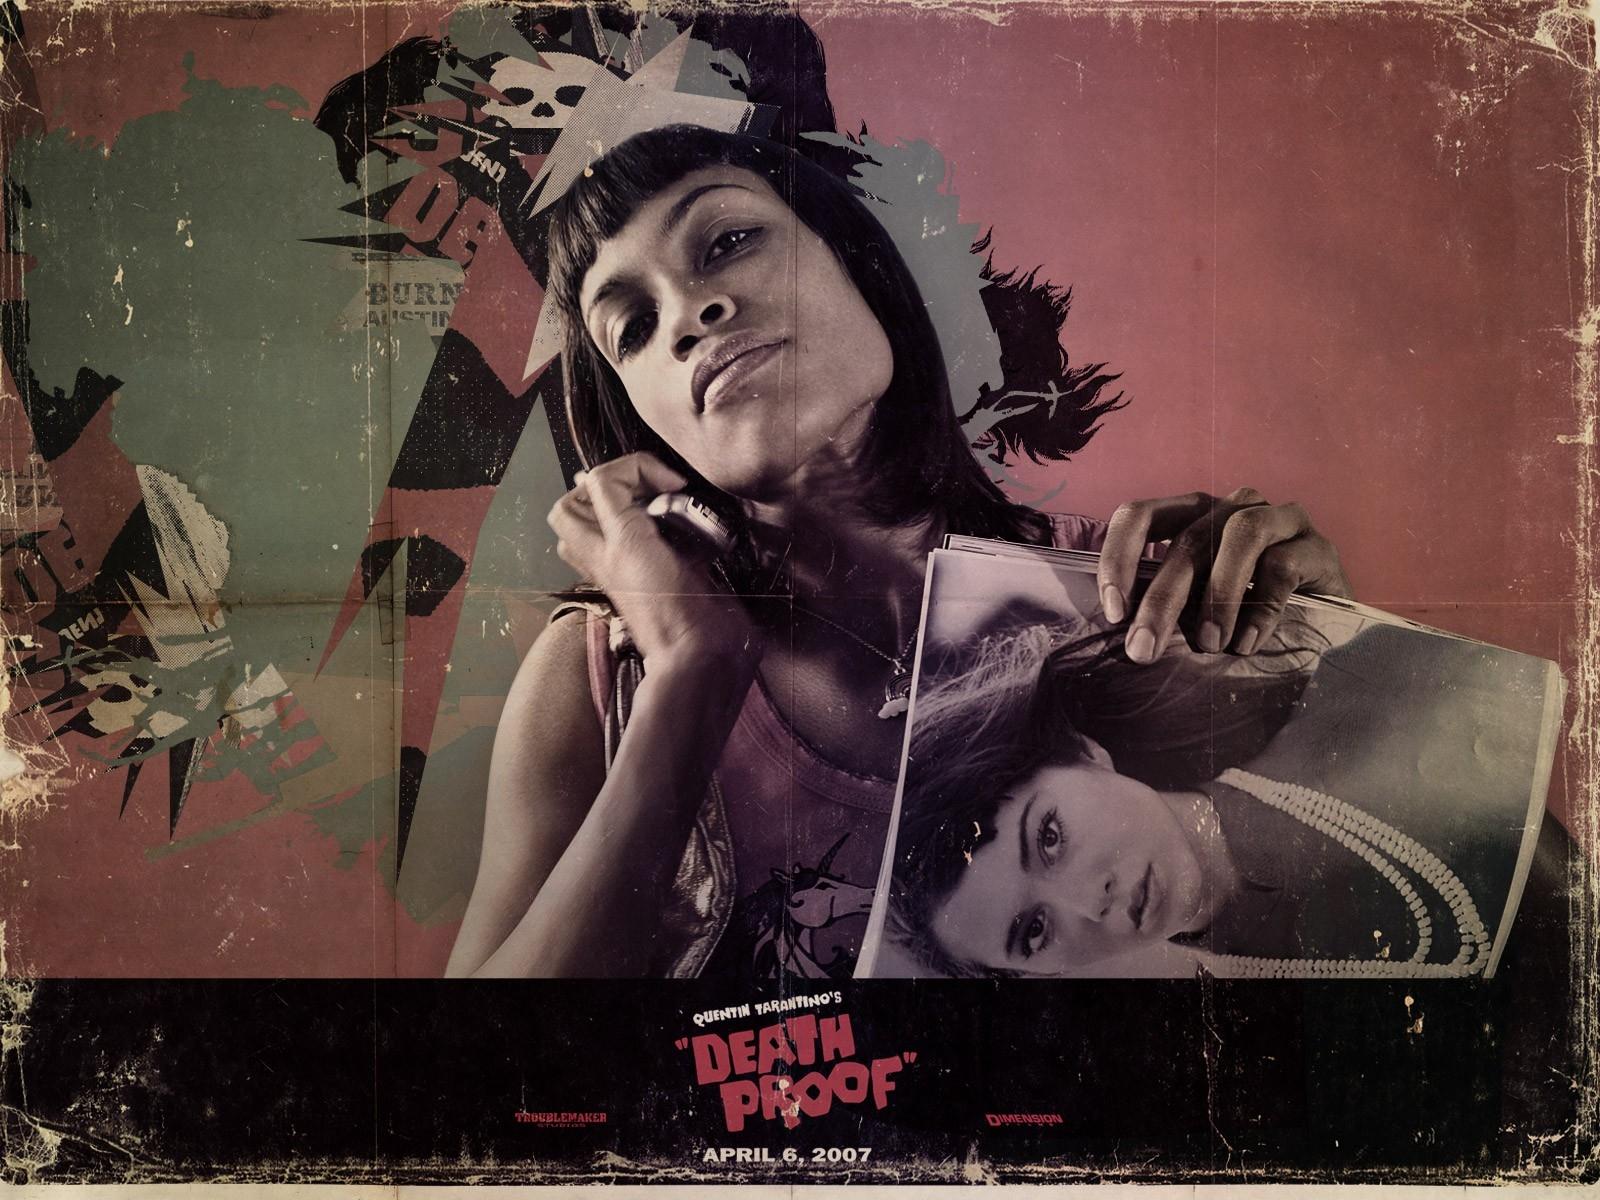 Wallpaper del film Grindhouse con la bella Rosario Dawson